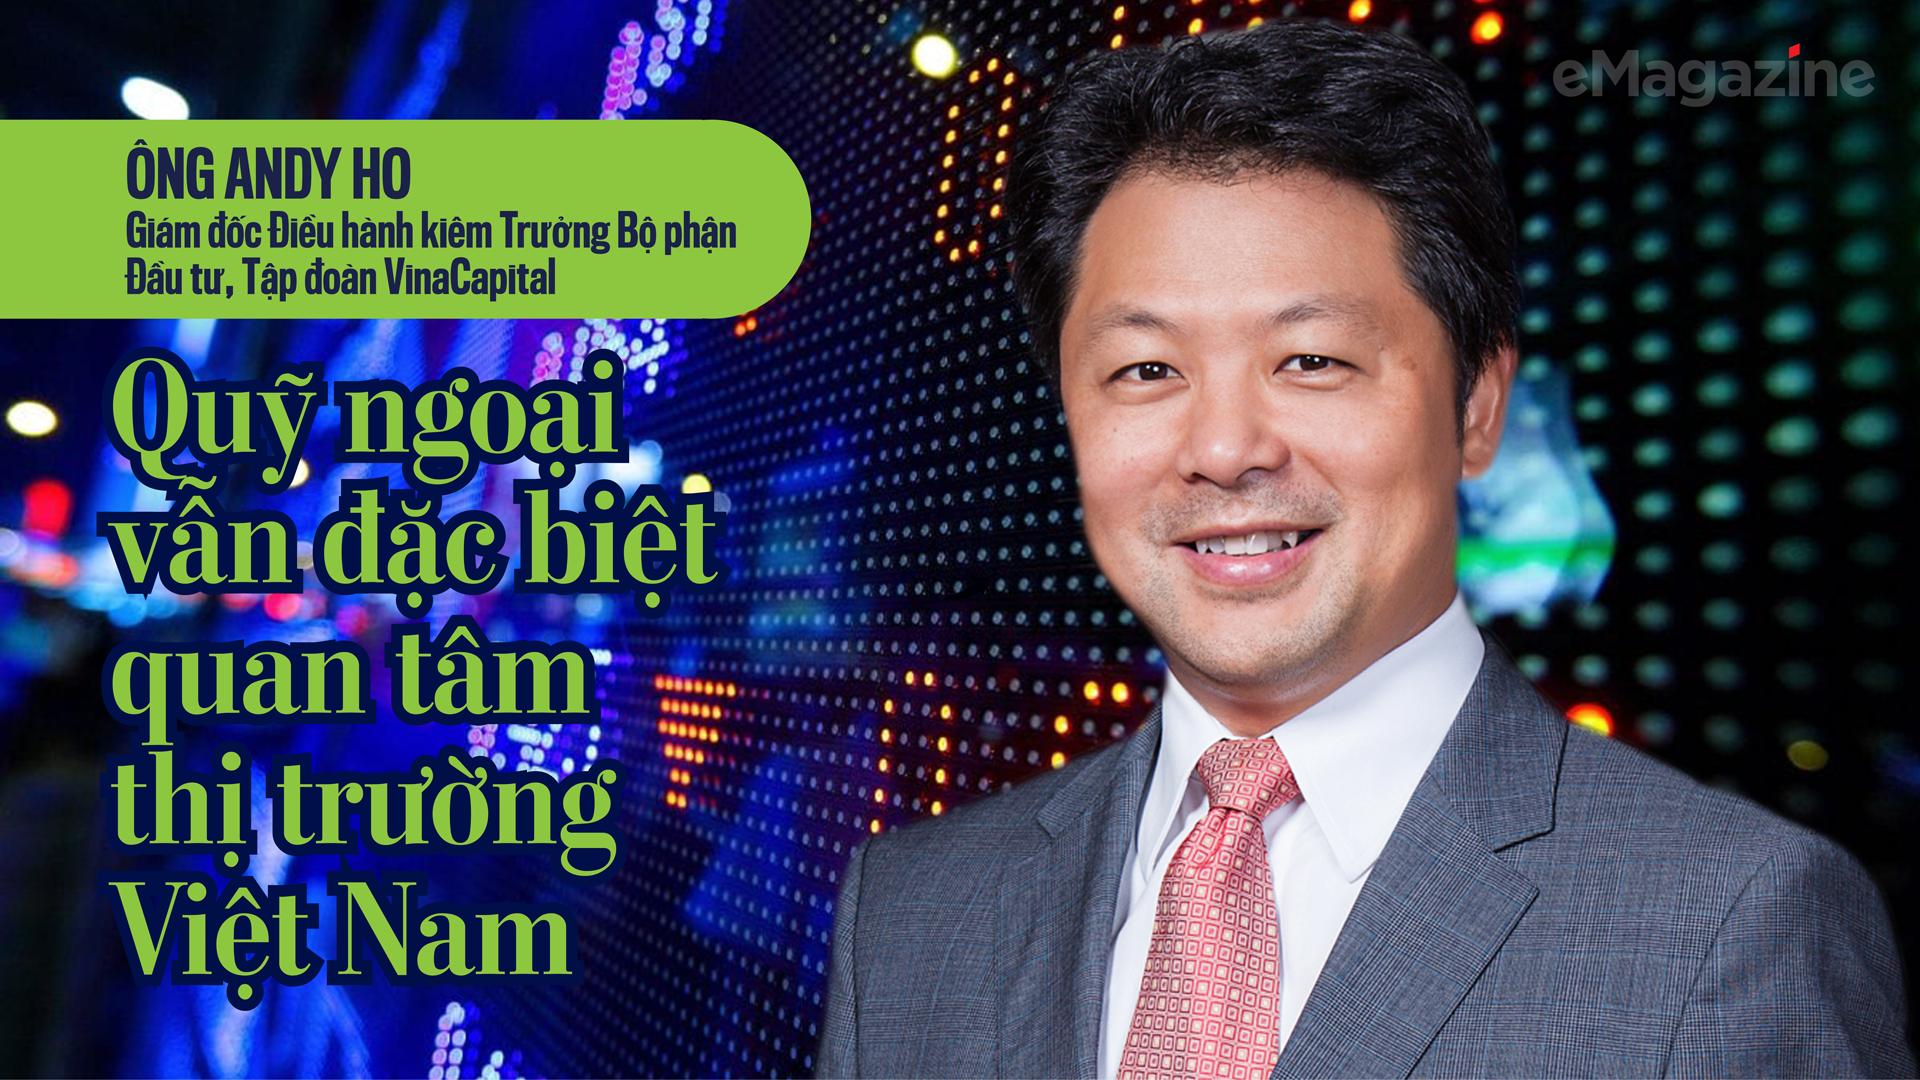 Quỹ ngoại vẫn đặc biệt quan tâm thị trường Việt Nam - Ảnh 1